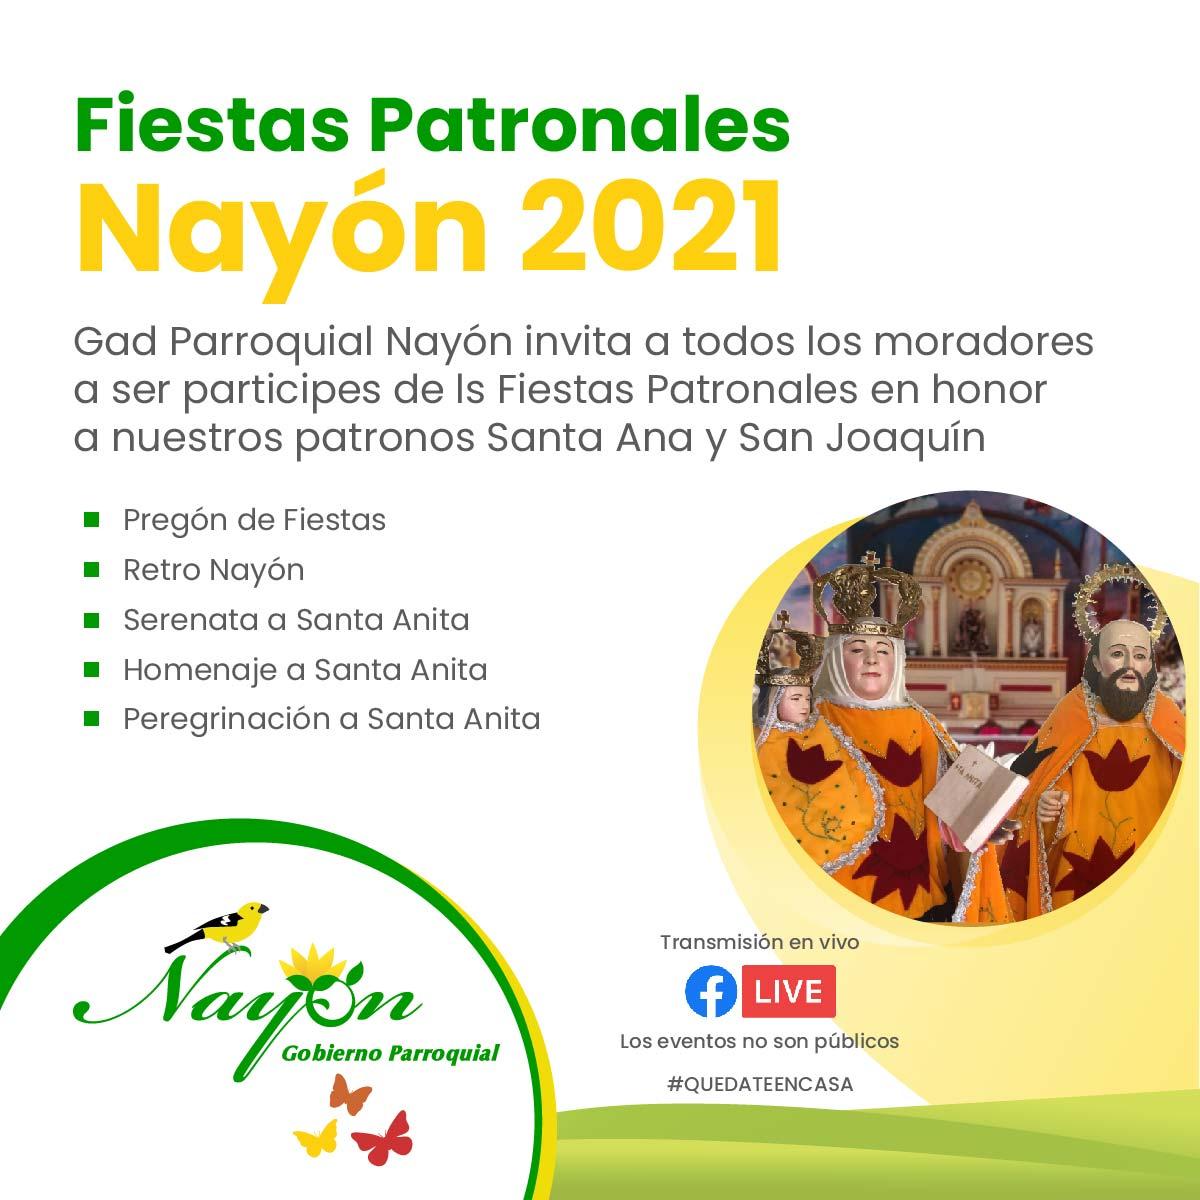 Cronograma de Fiestas Nayón 2021